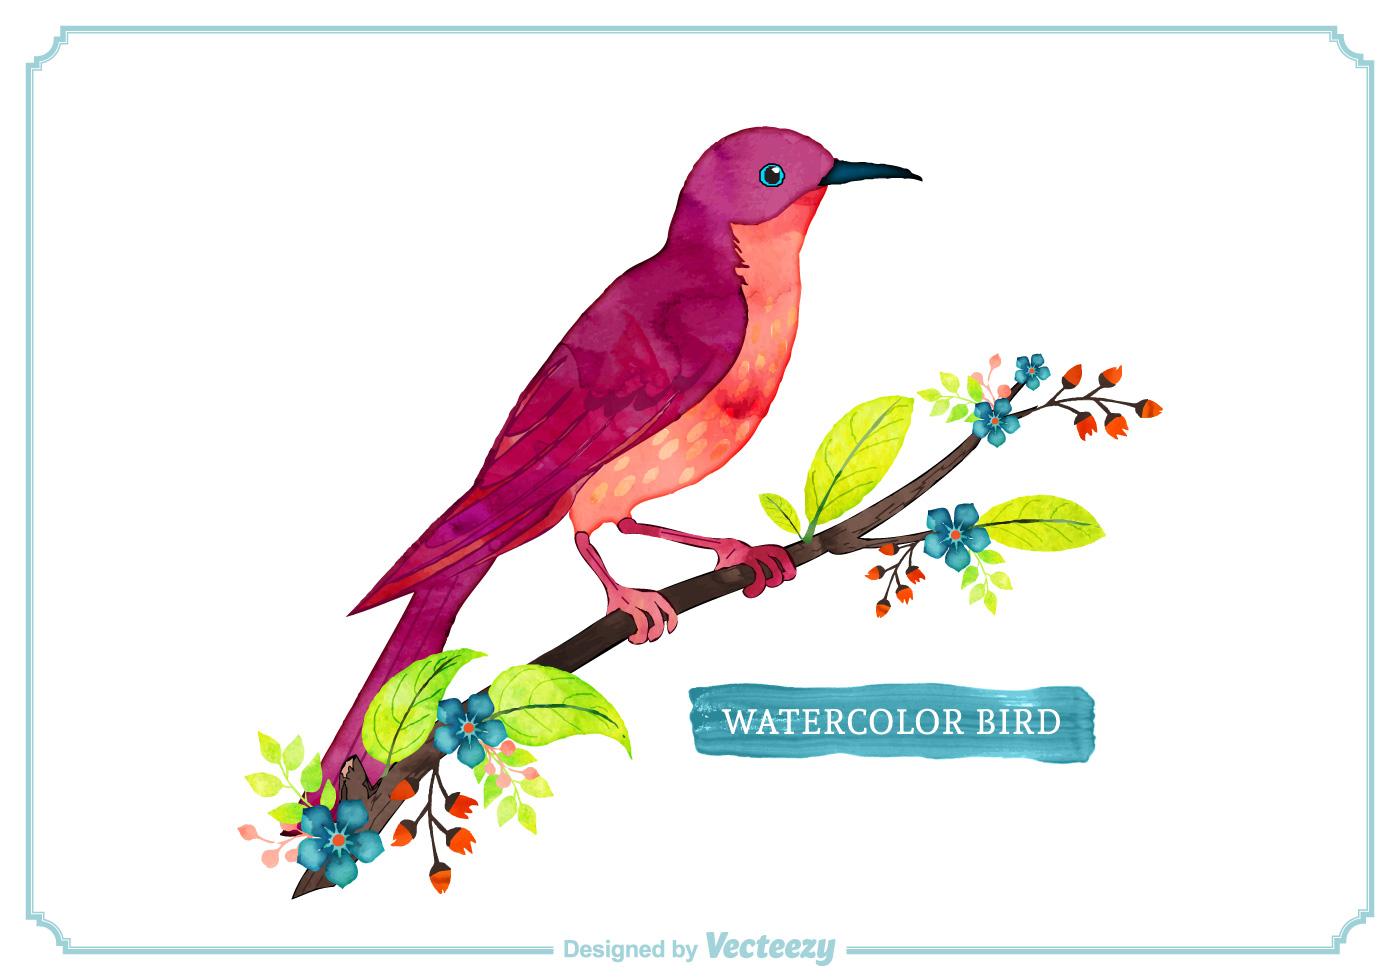 Free Vector Watercolor Bird - Download Free Vector Art ...